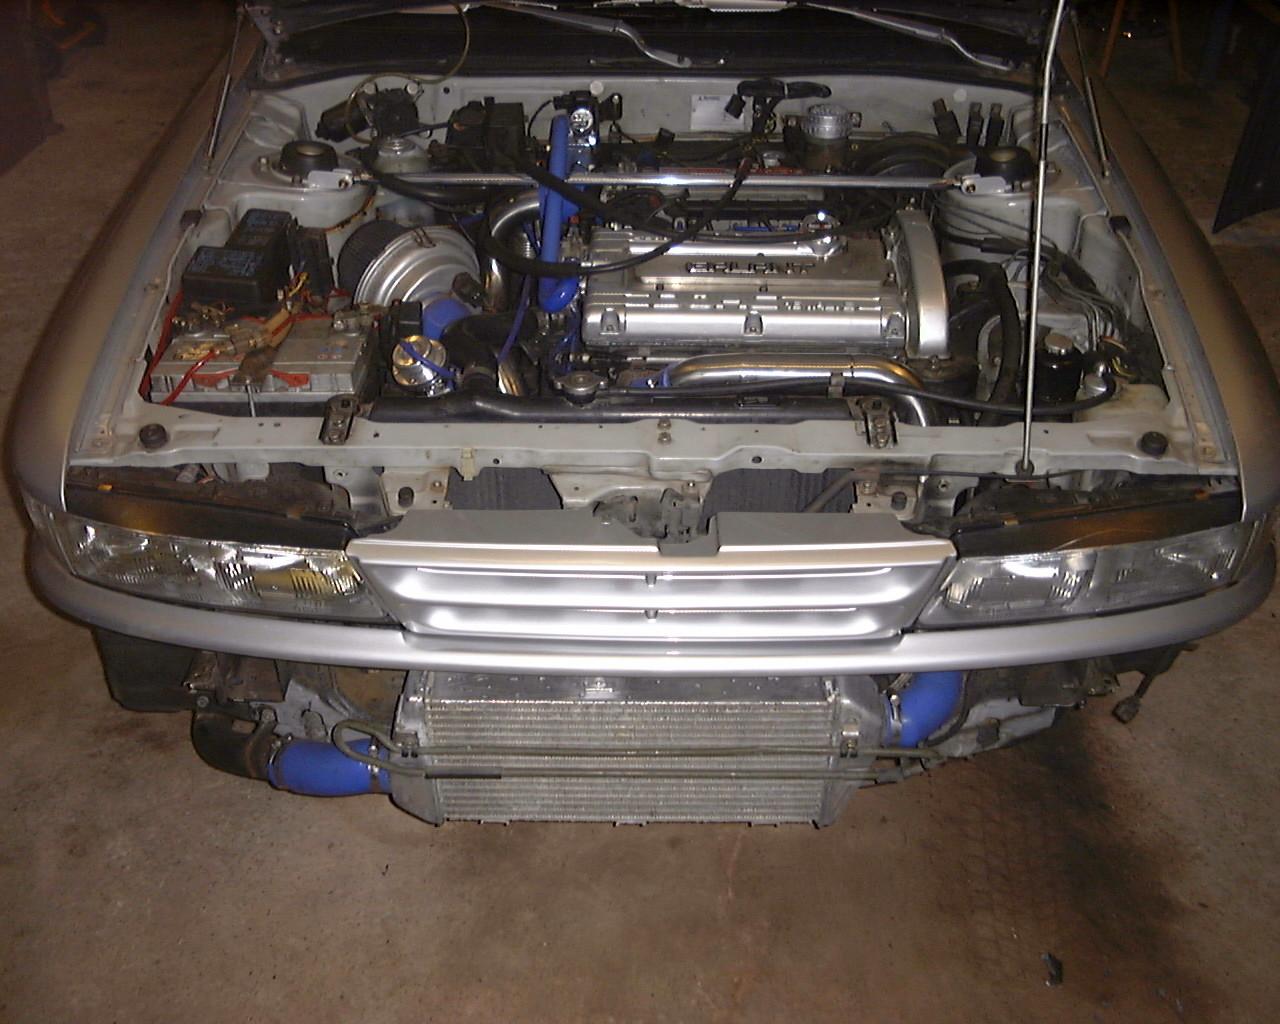 mit-nye-projekt-i-2006-43